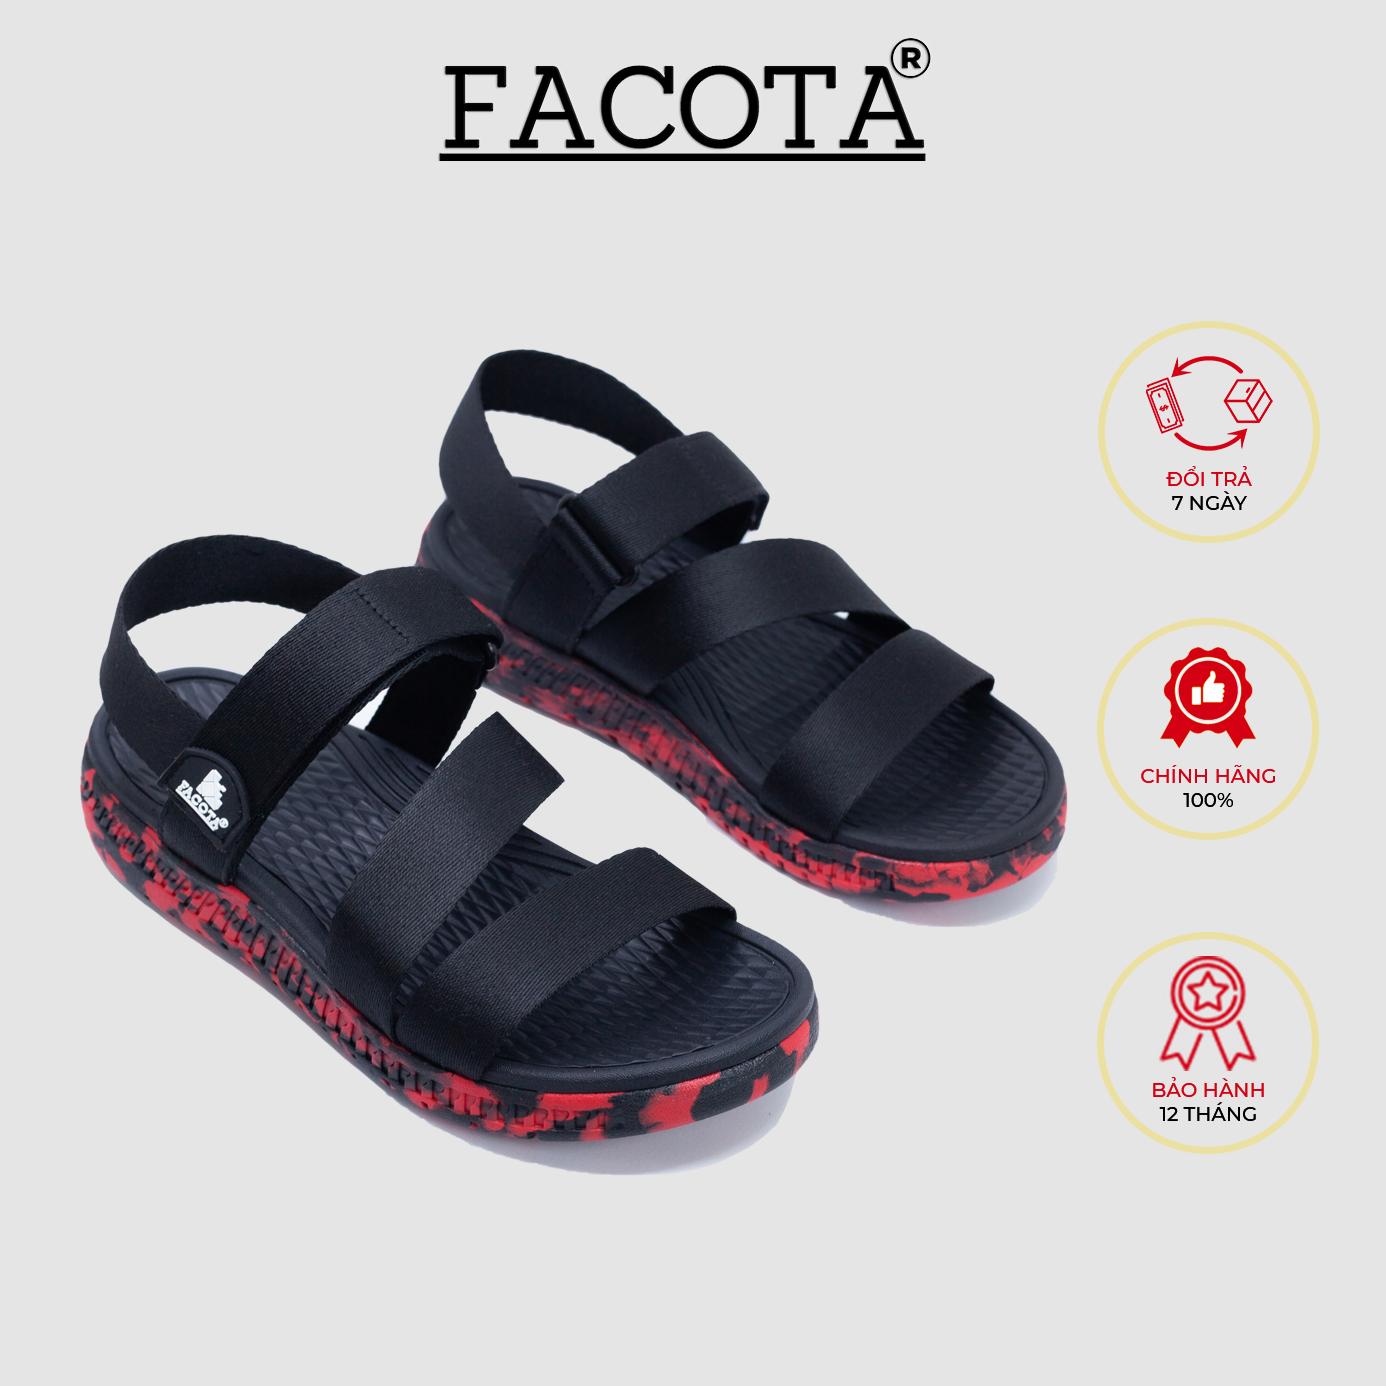 Giày sandal nam Facota HA13 chính hãng sandal thể thao quai dù